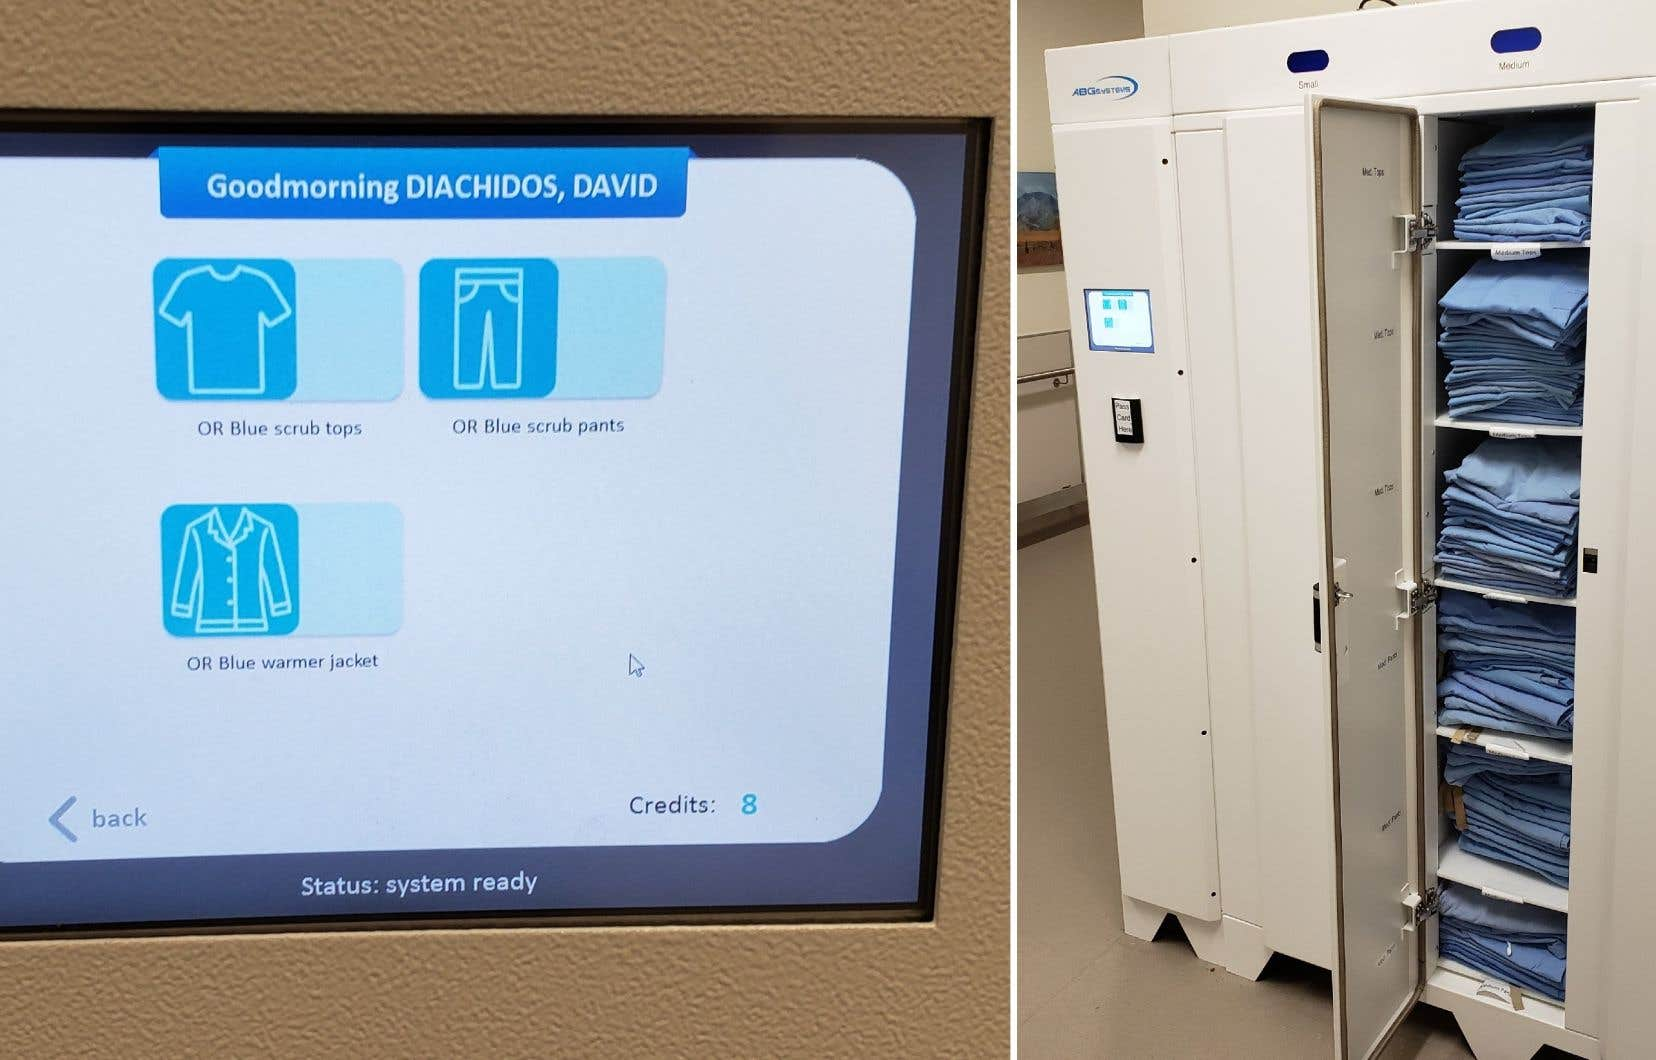 Des spécialistes ont développé des armoires intelligentes pour gérer les uniformes du personnel médical dans les hôpitaux.